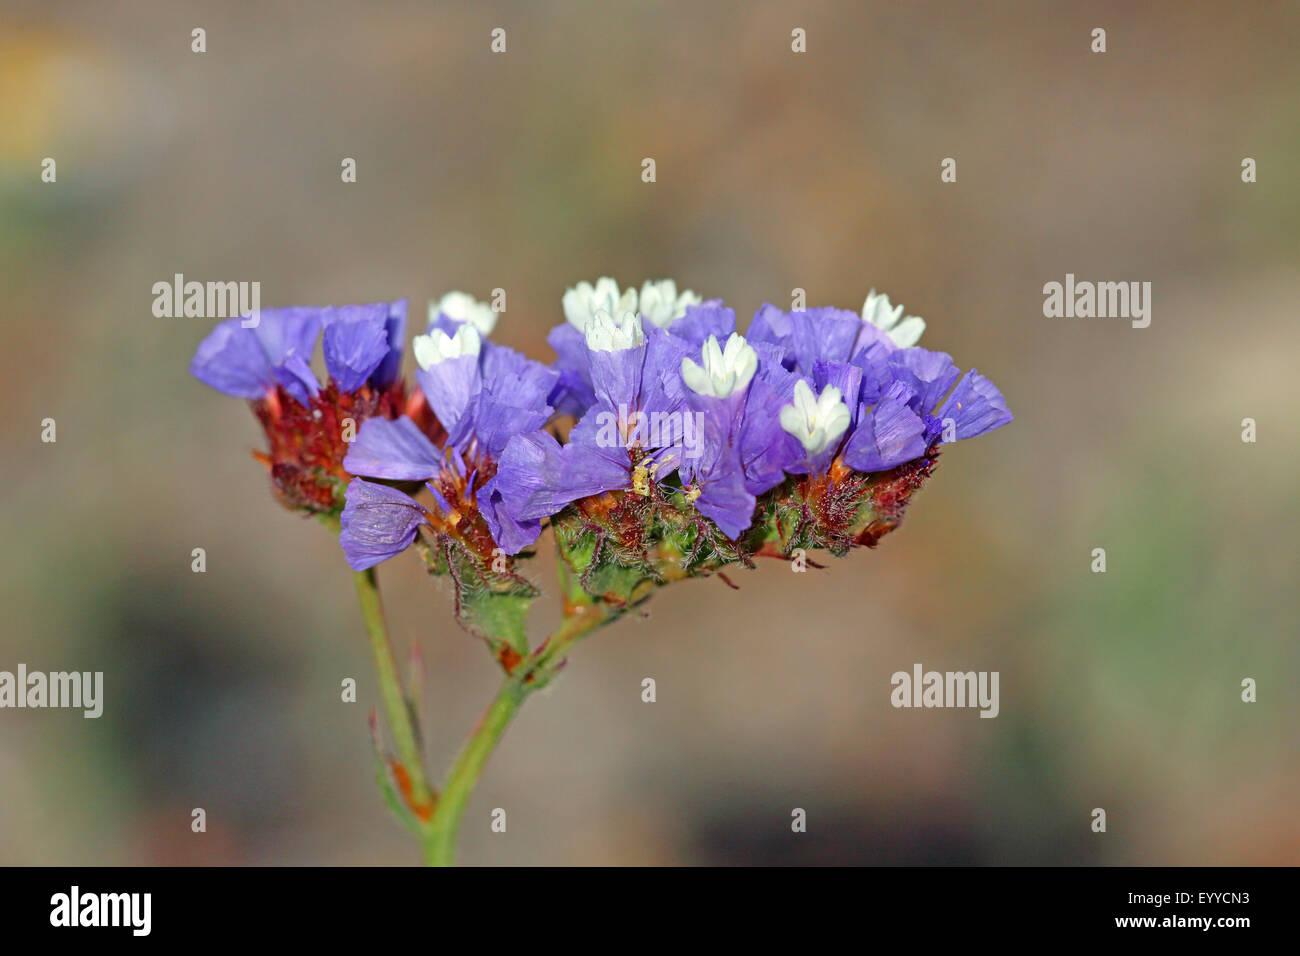 sinuata statice, perennial sea-lavender, winged sea-lavender, wavyleaf sea-lavender (Limonium sinuatum), blossom, - Stock Image